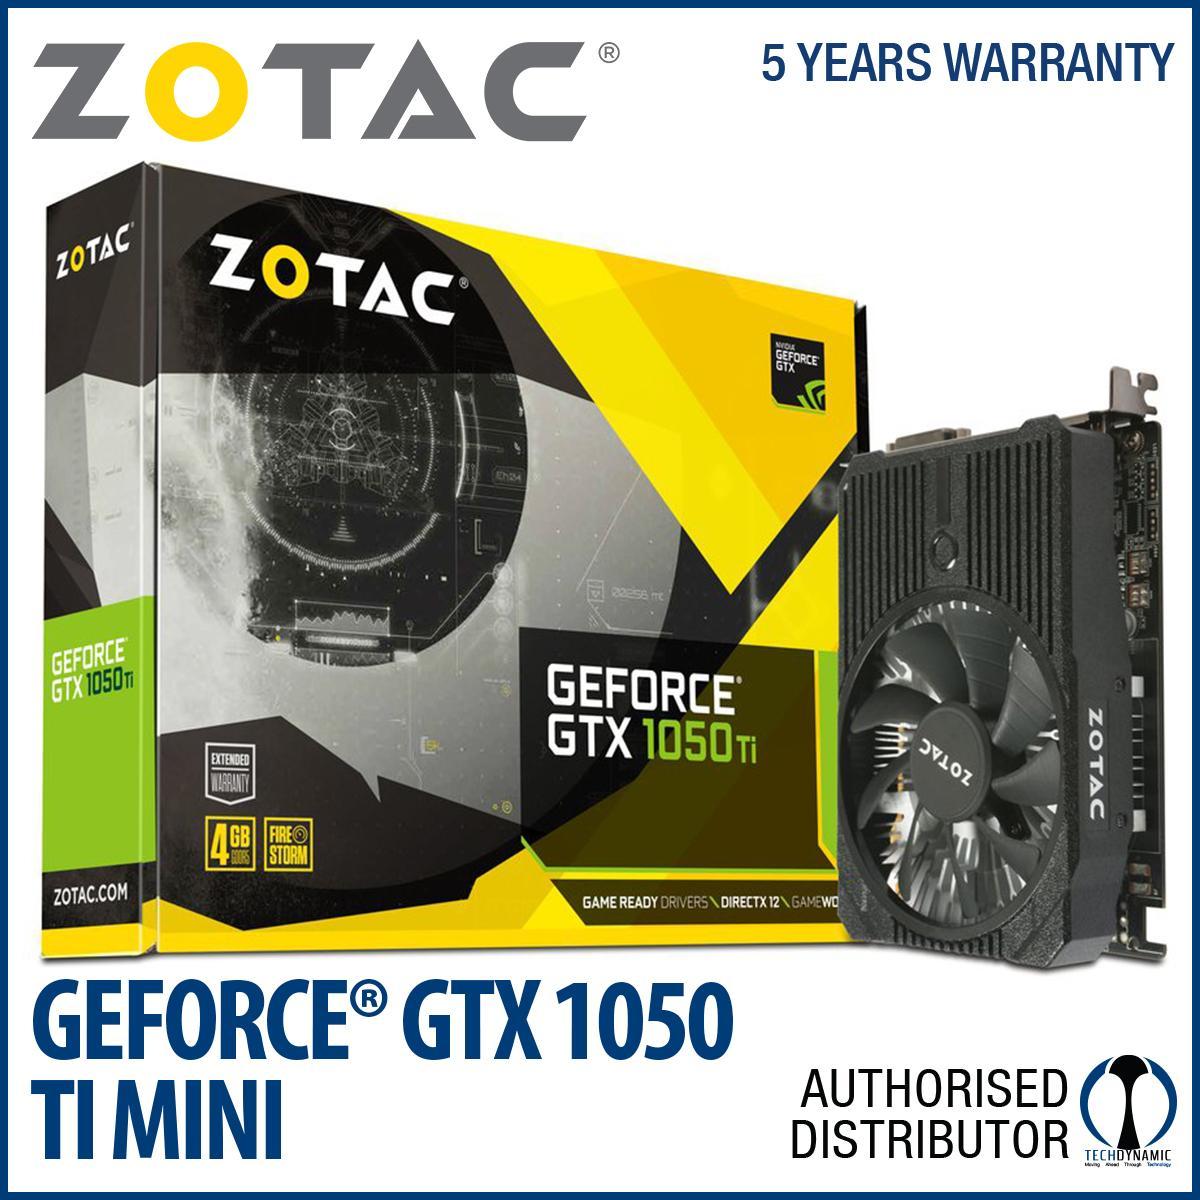 Best Offer Zotac Geforce® Gtx 1050 Ti Mini 4Gb Gddr5